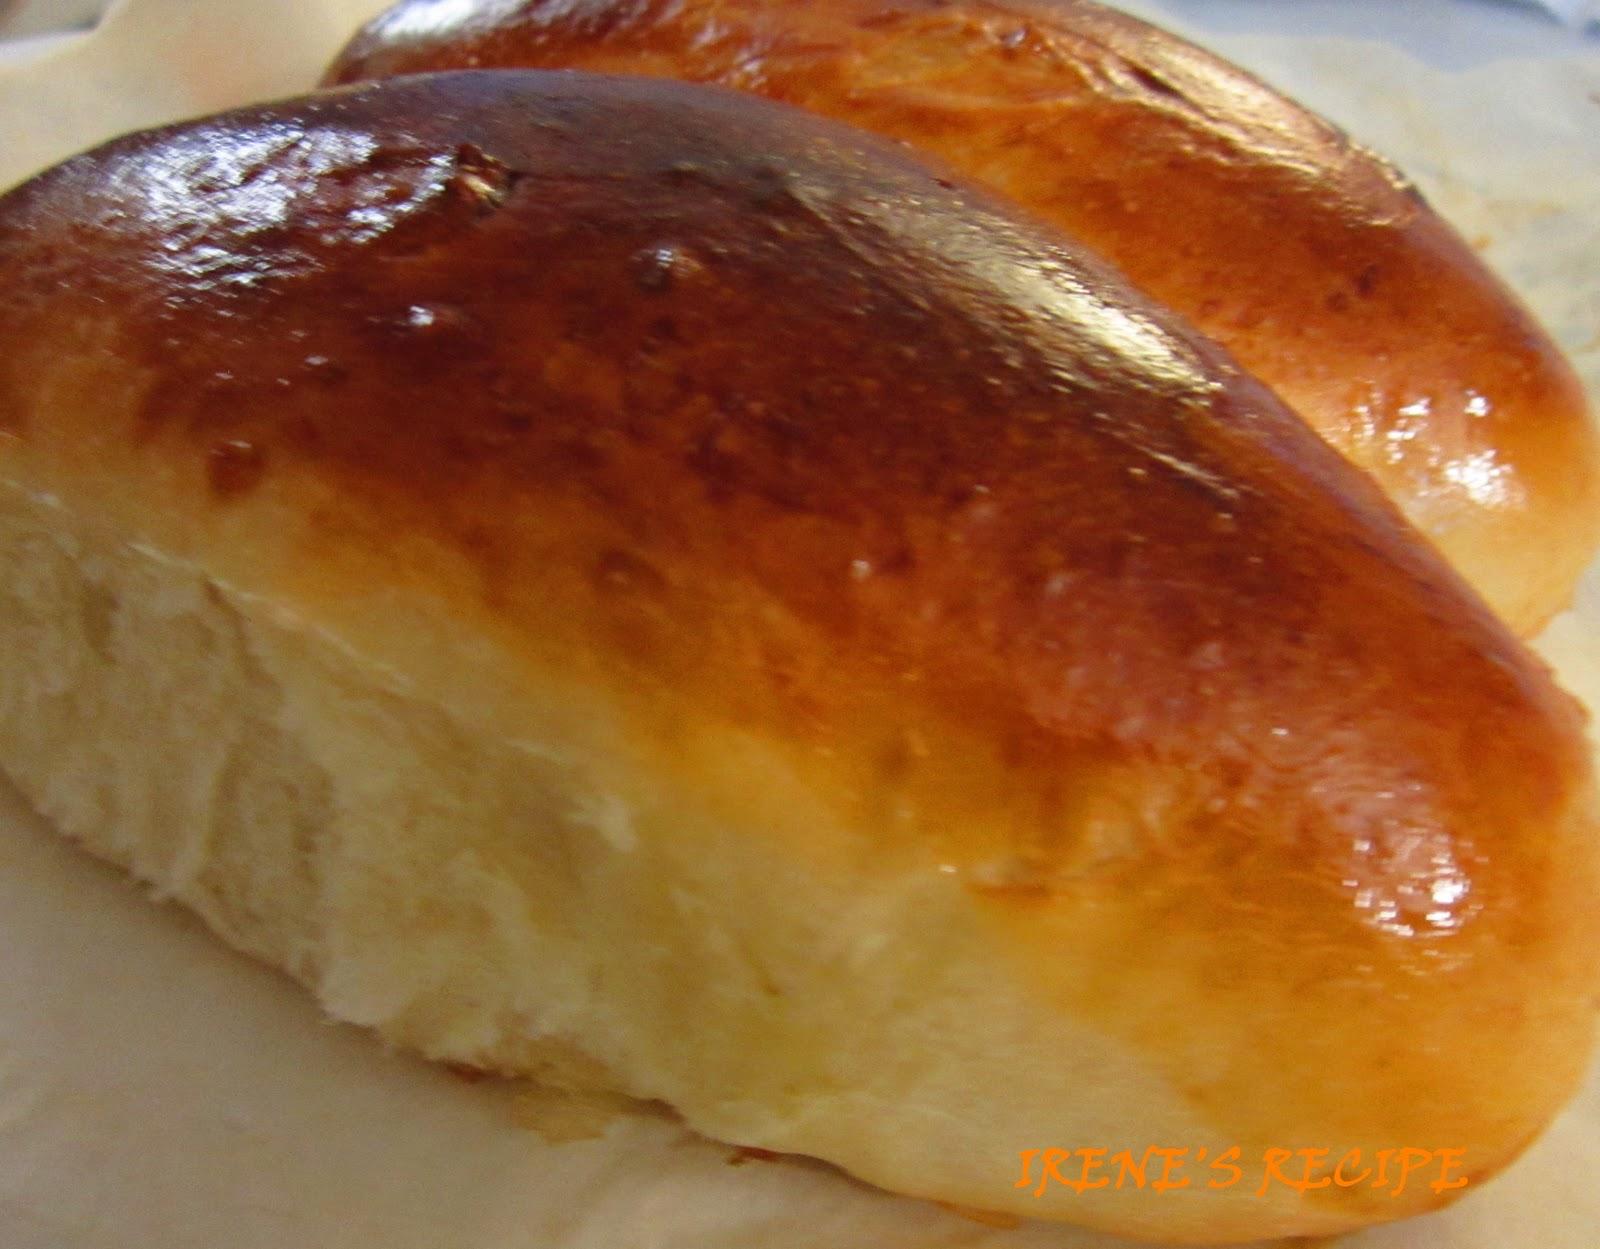 Old Bay Crab Cake Dipping Sauce